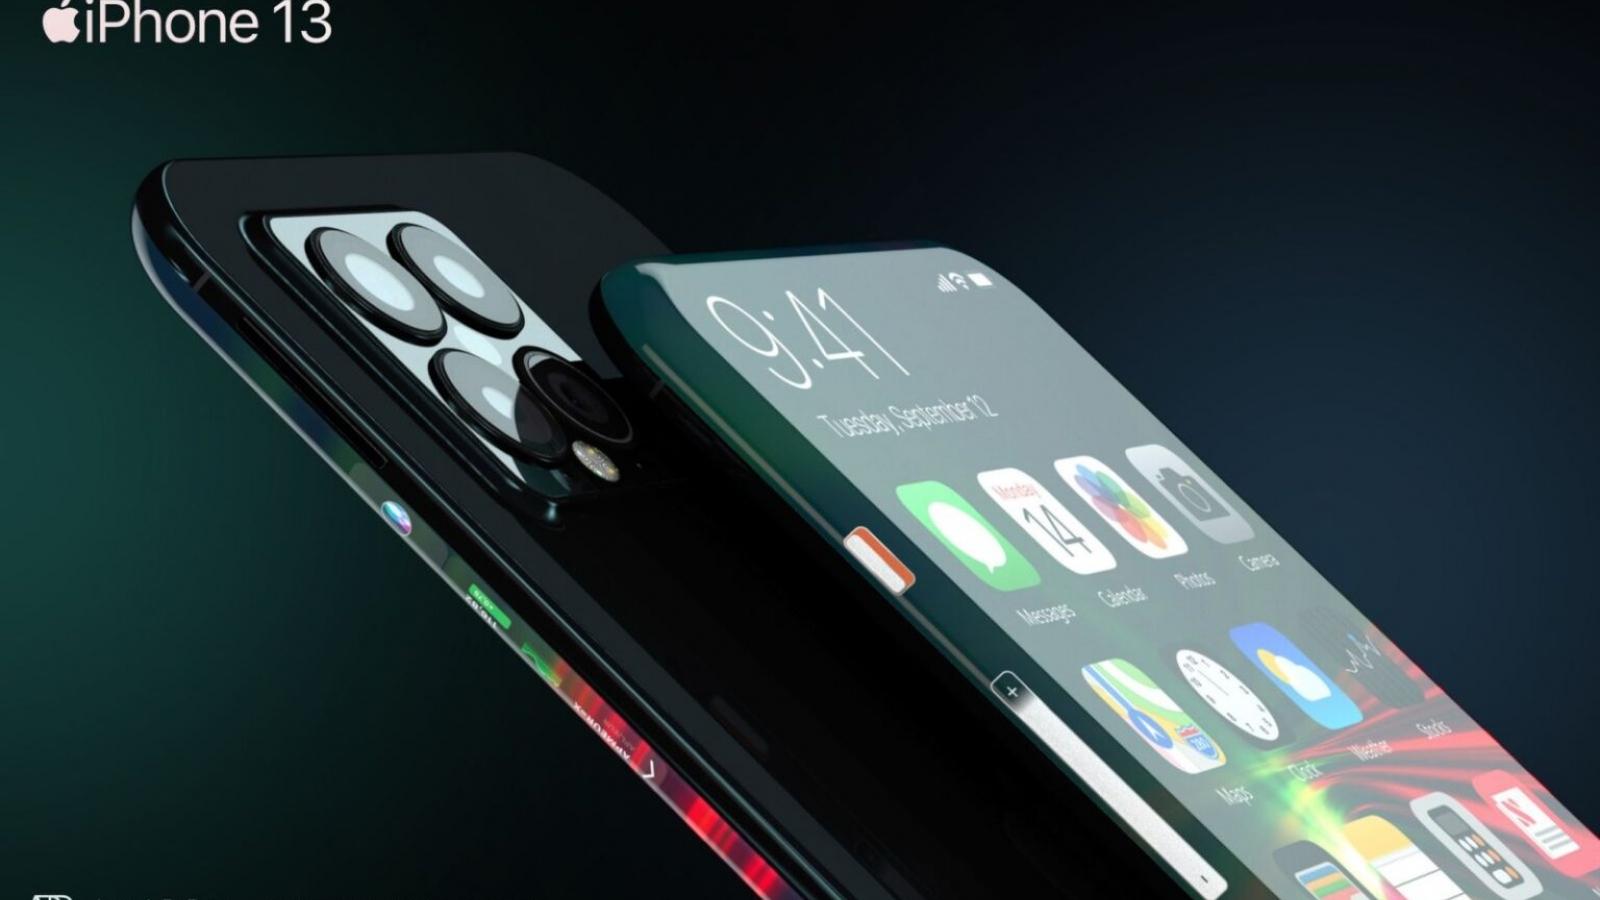 Ngắm iPhone 13 màn hình thác nước, camera selfie kép dưới màn hình